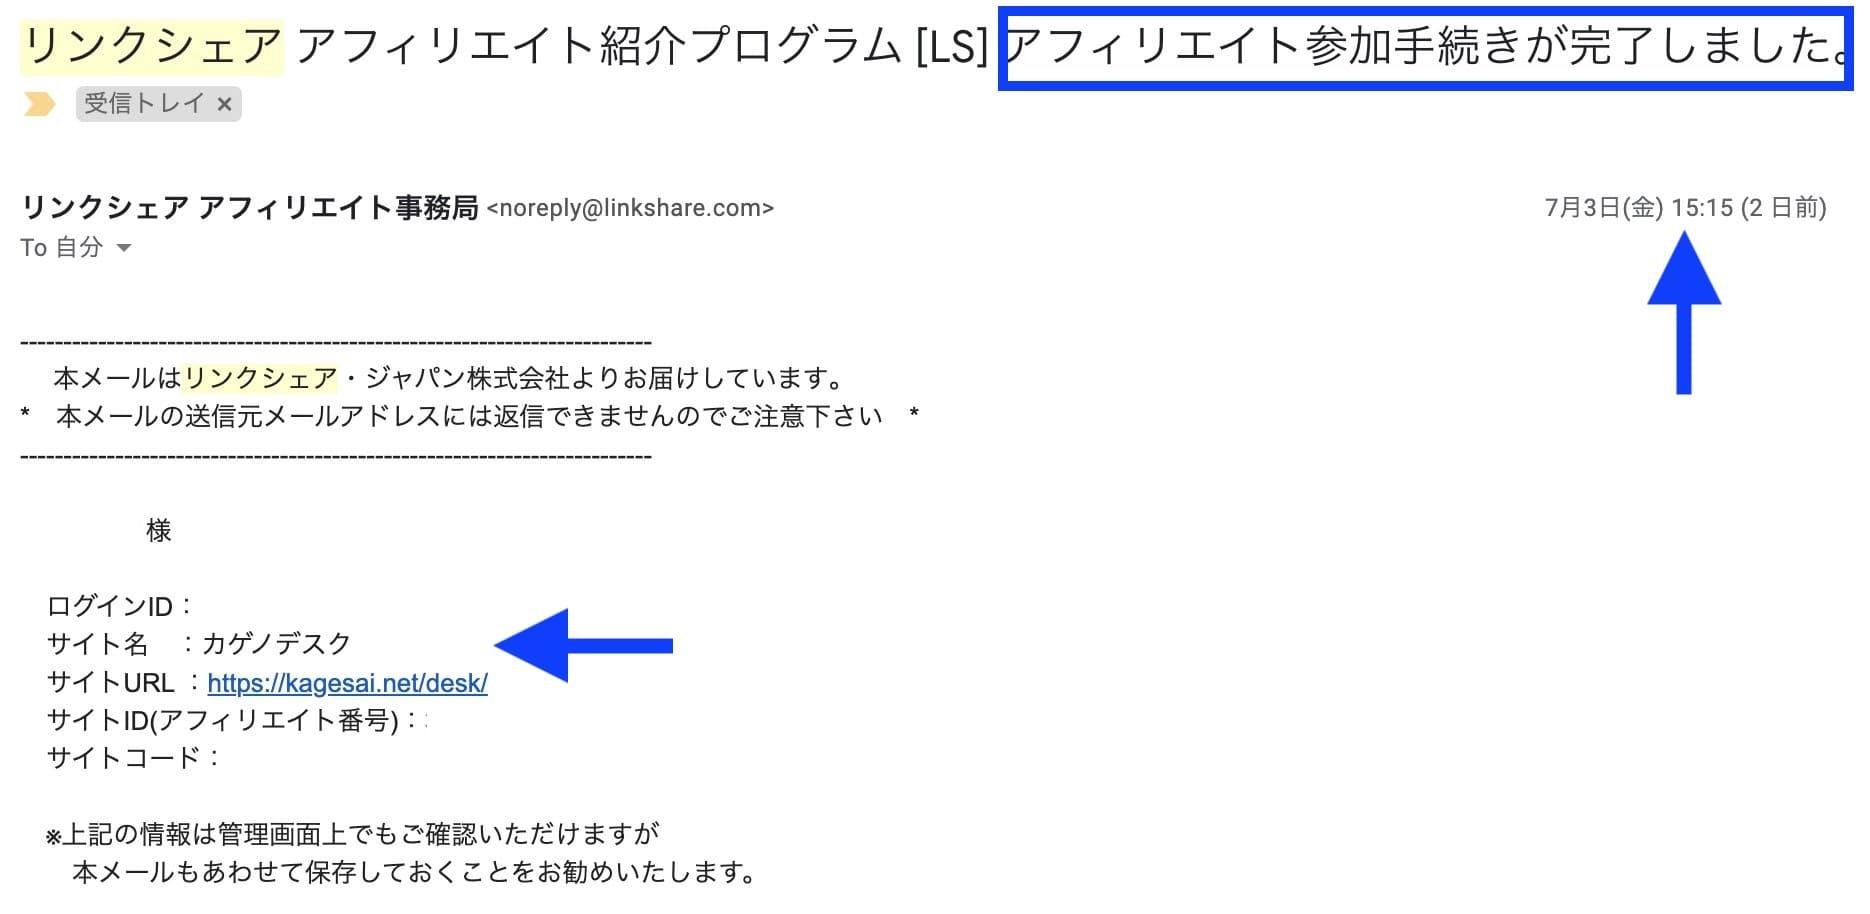 リンクシェア審査メール